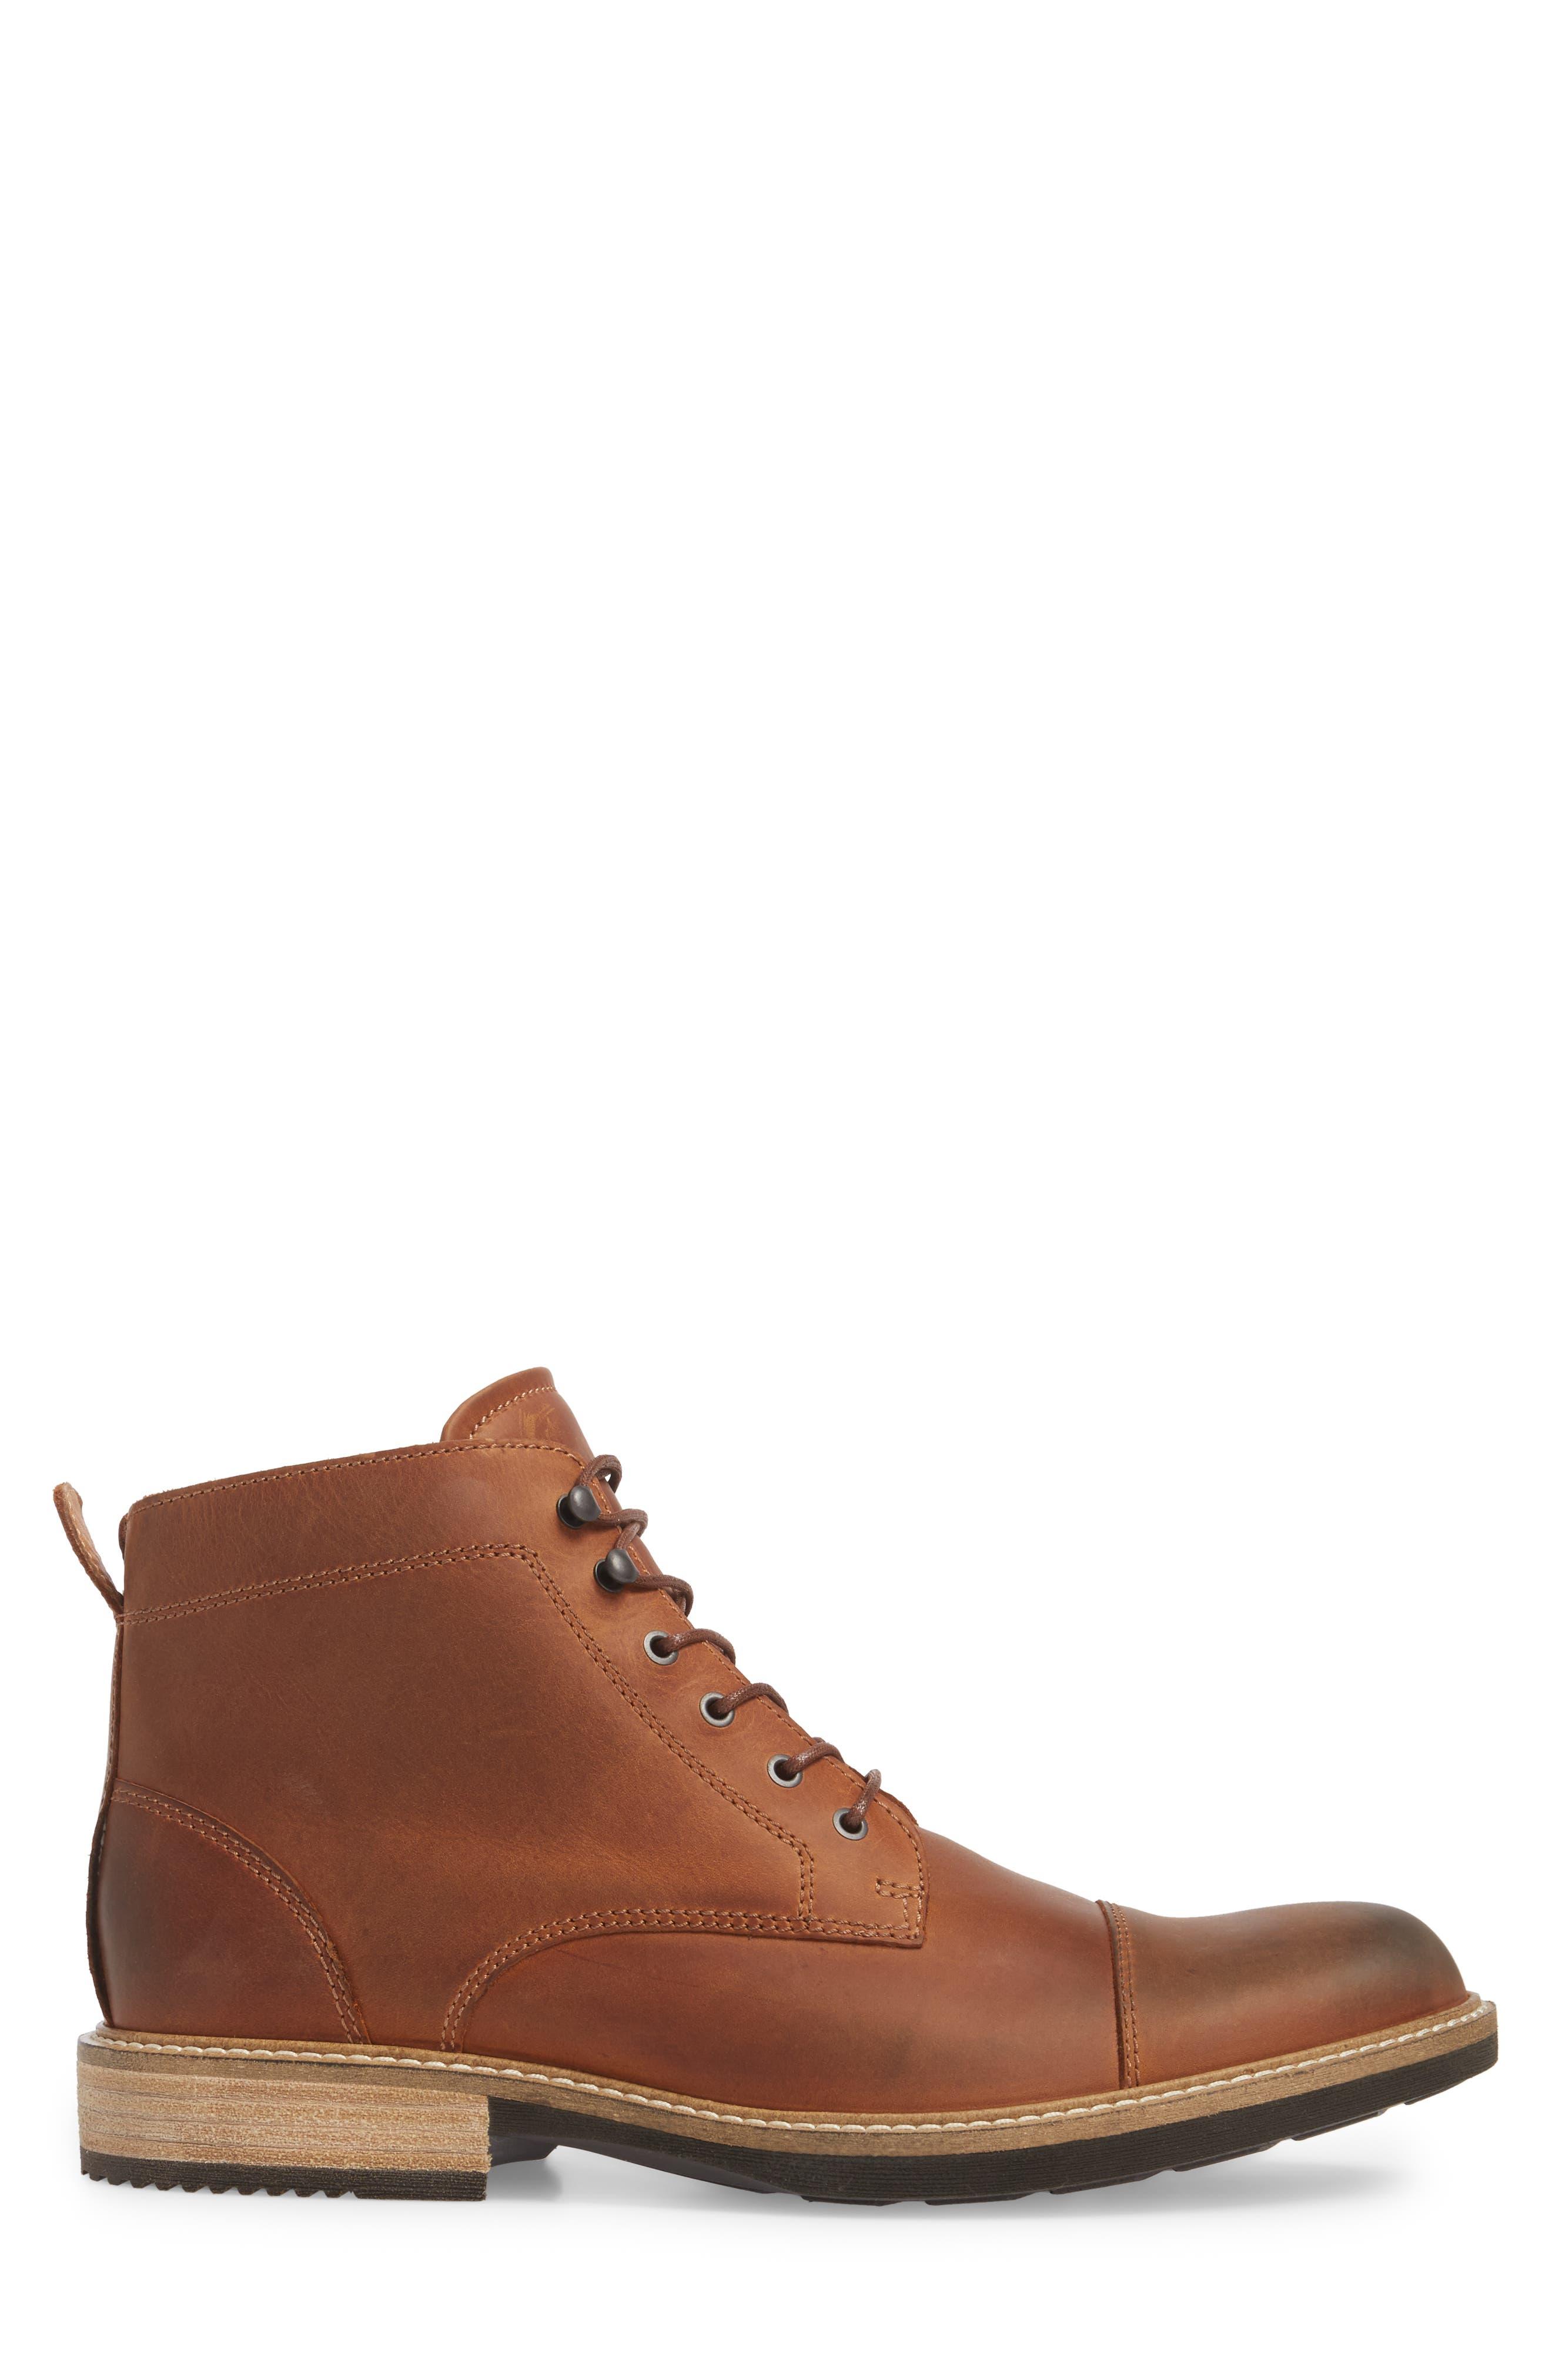 Kenton Vintage Cap Toe Boot,                             Alternate thumbnail 3, color,                             COGNAC LEATHER